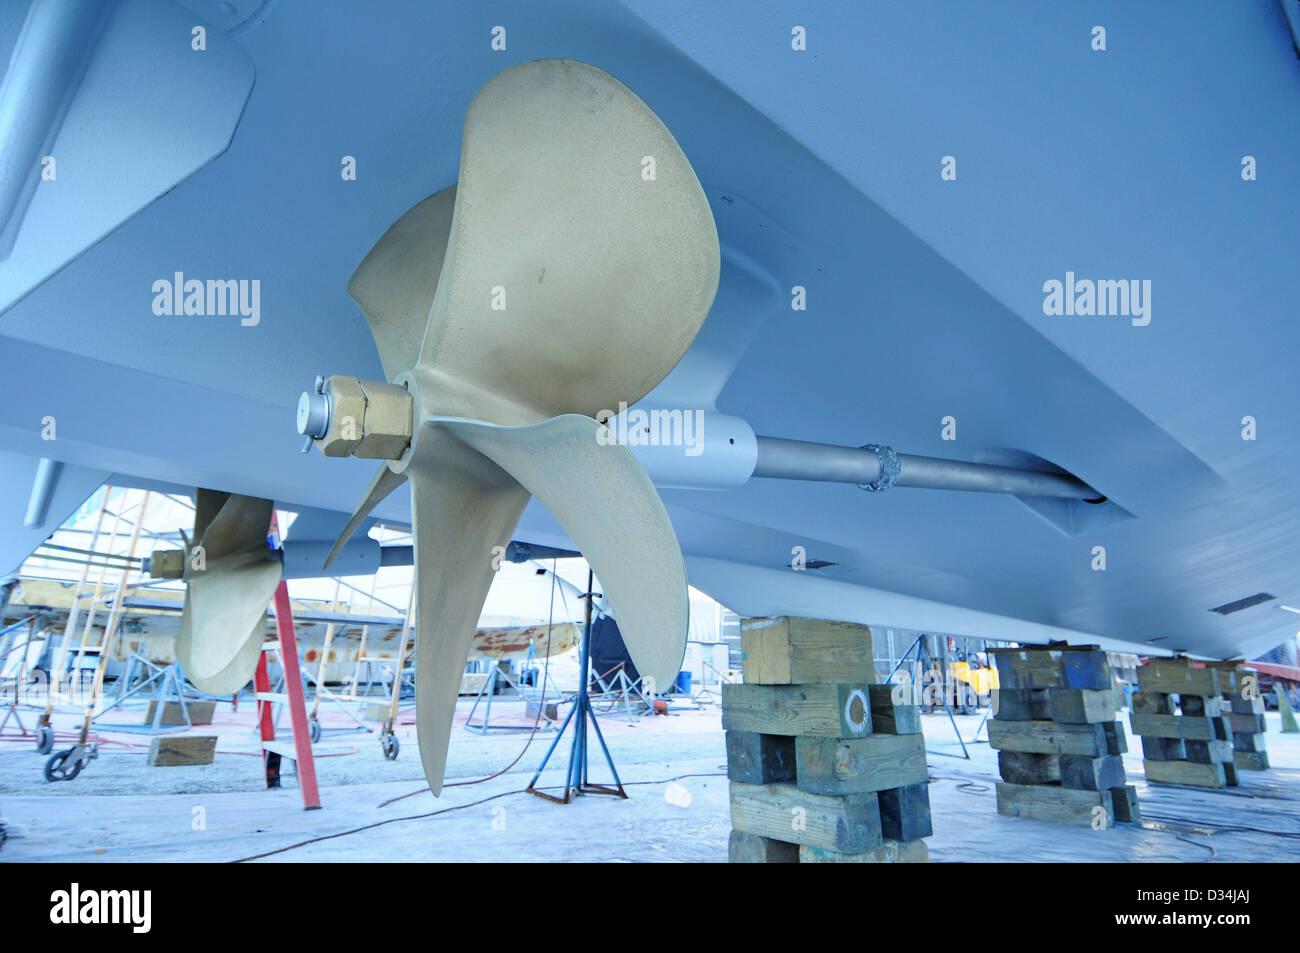 Nahaufnahme von Boot Propeller, die sich auf Blöcke in Werft Stockbild